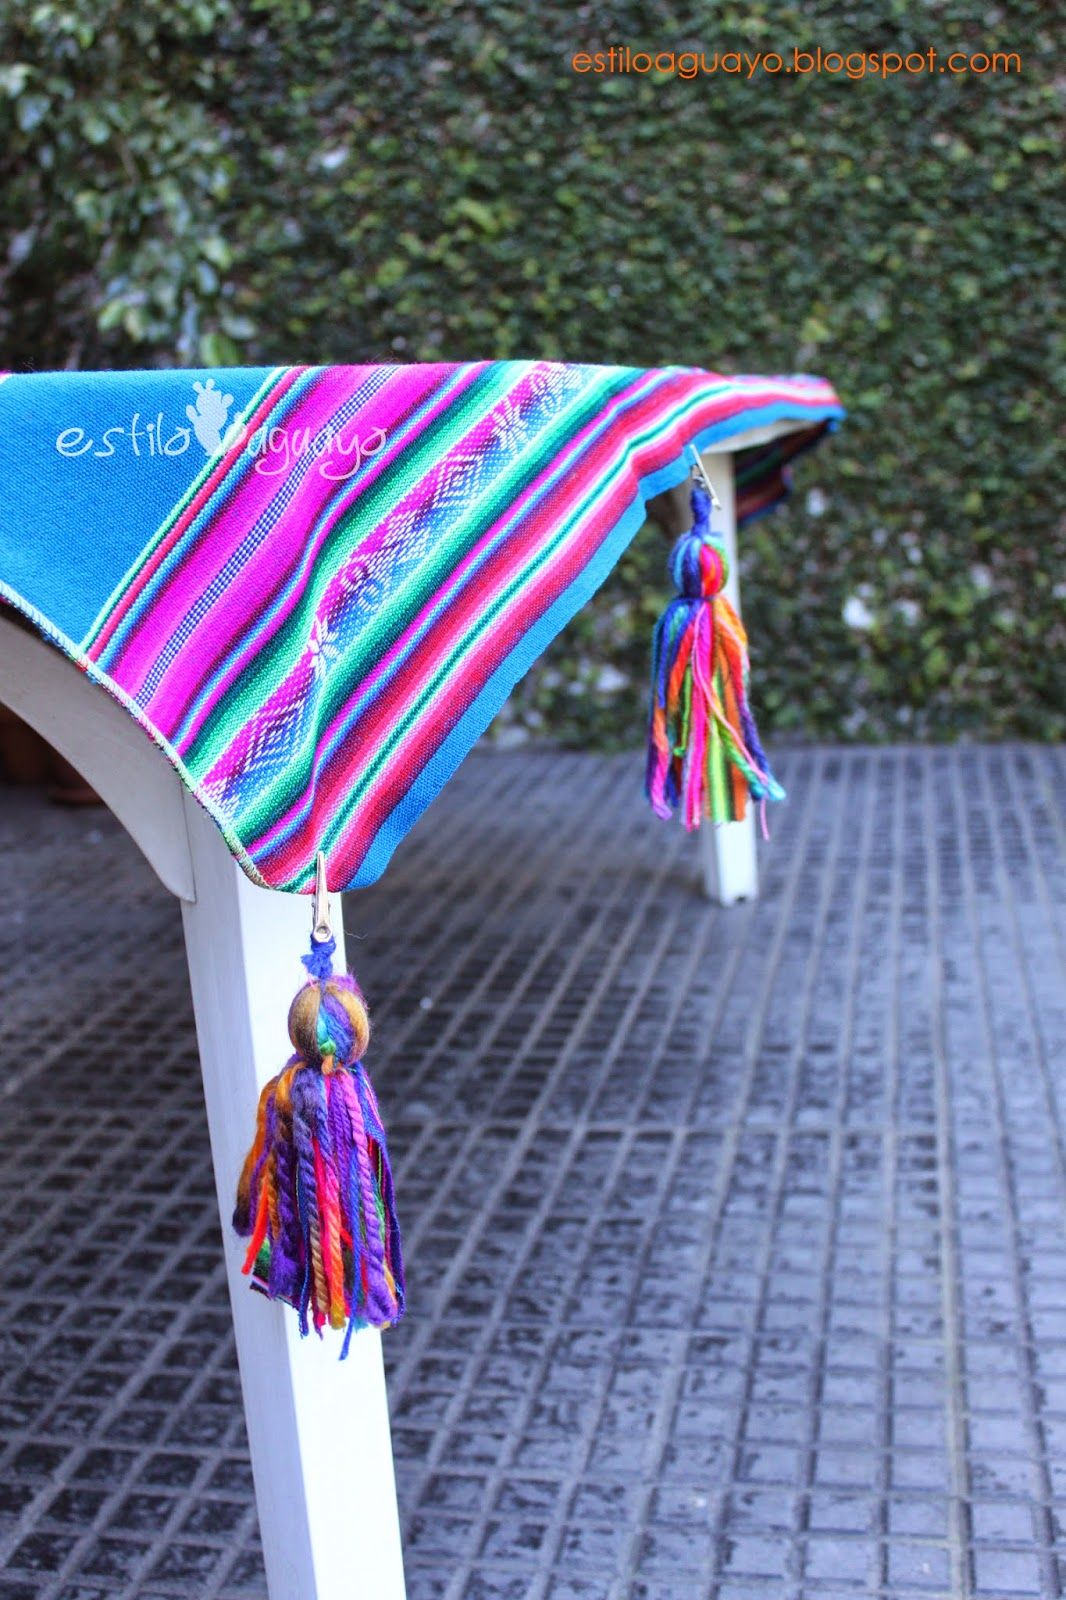 cinta de encaje para decoraci/ón del hogar coloridos 3 estilos de pompones de borde suministros de accesorios de costura fiesta 5 yardas//3 yardas 1 bolsa color rosa